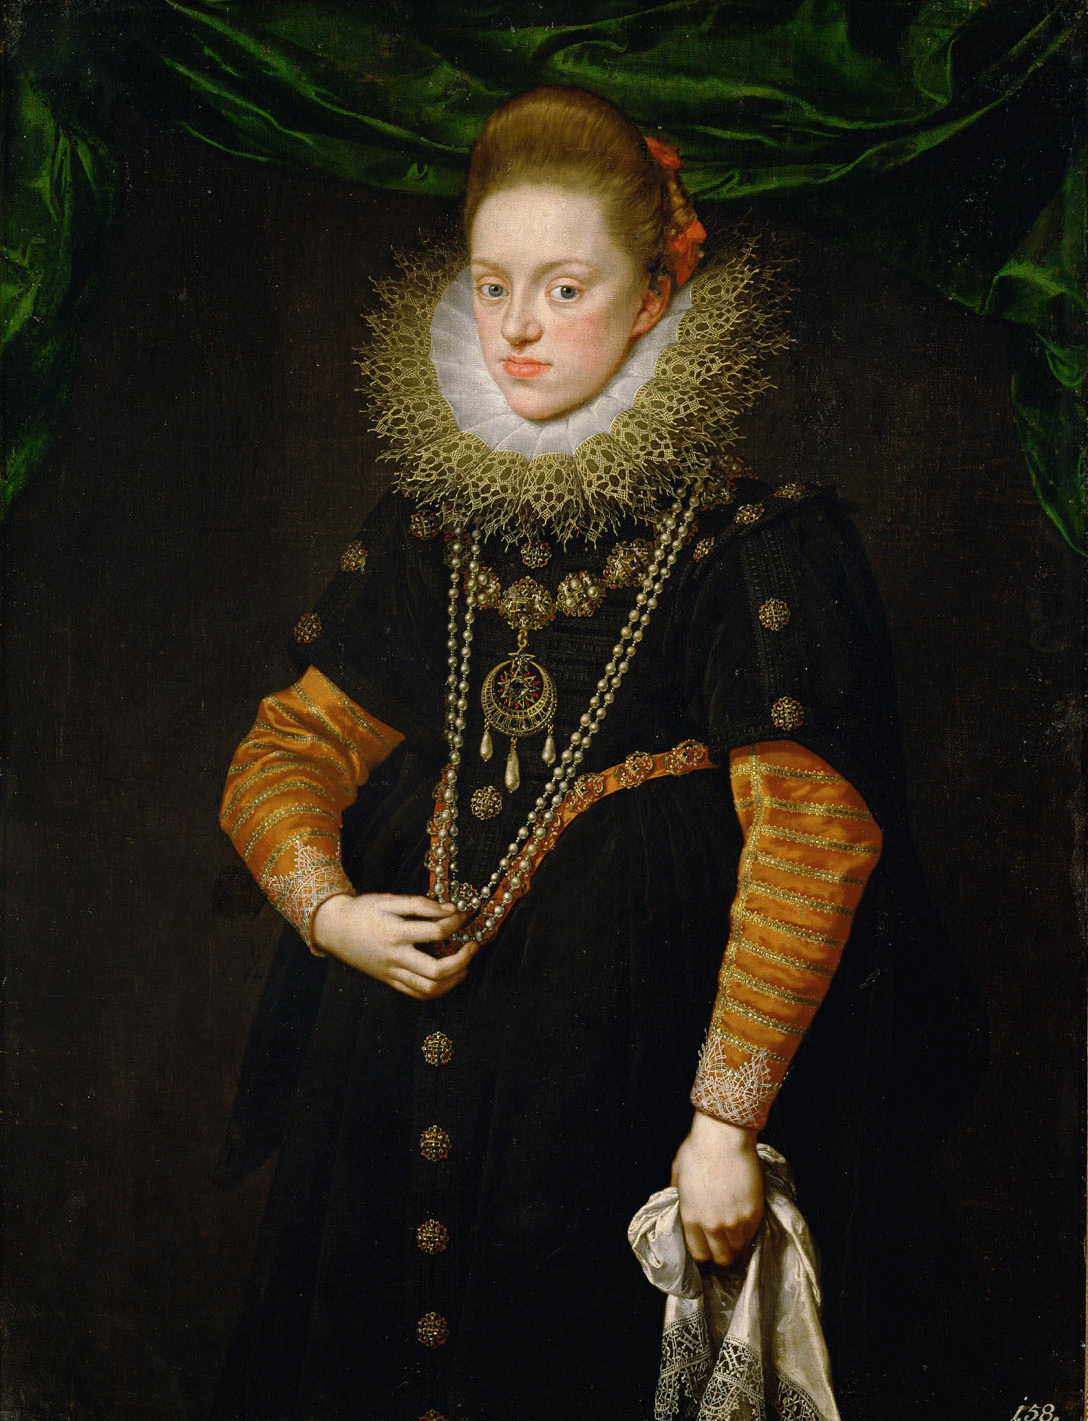 Erzherzogin Konstanze (1588-1631), Königin von Polen in schwarzem Kleid von Frans Pourbus d. J.